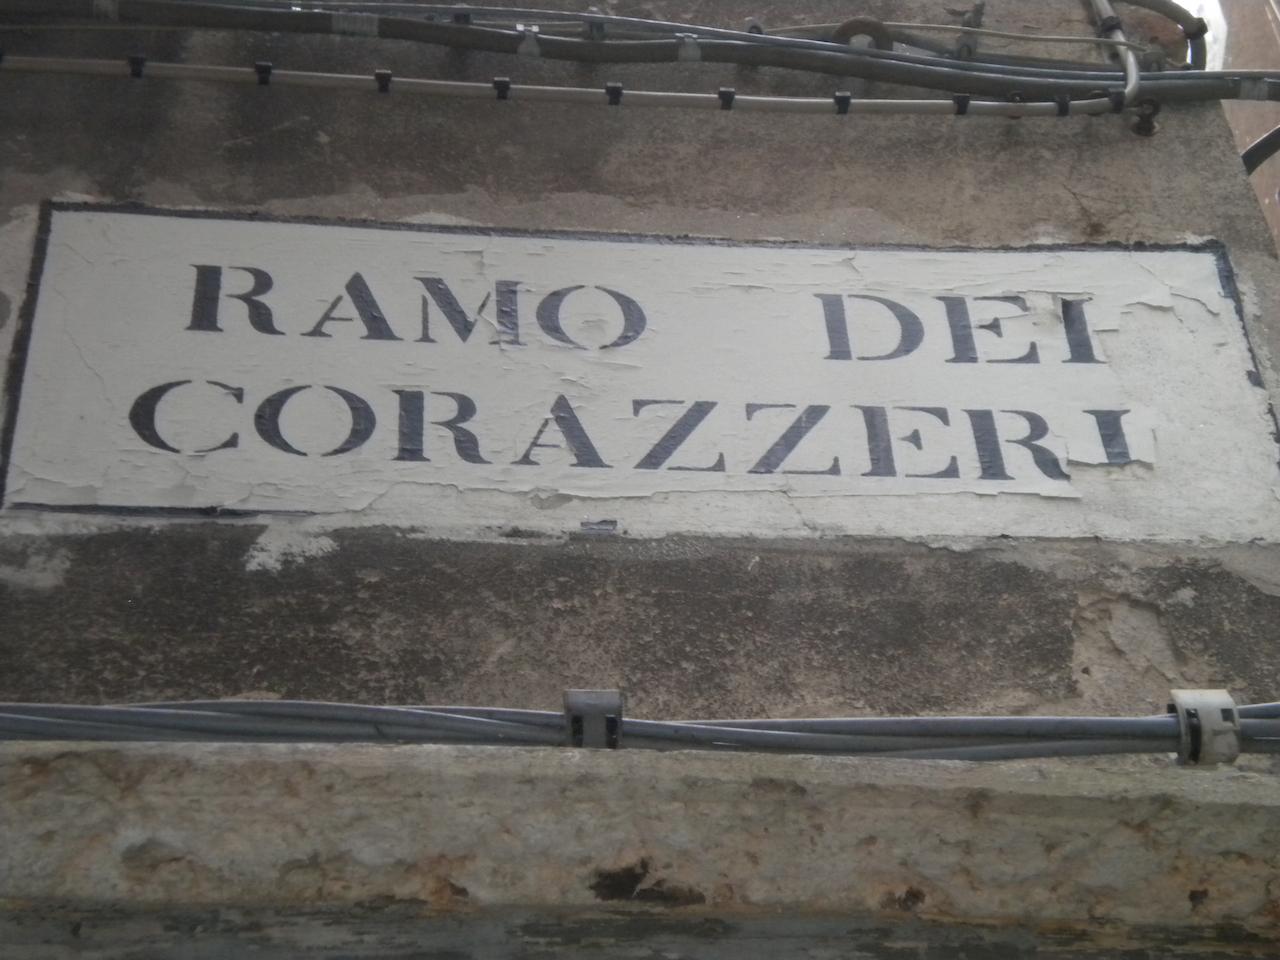 「世界最初のライン生産工場」アルセナーレにヴェネツィアの真価を見た